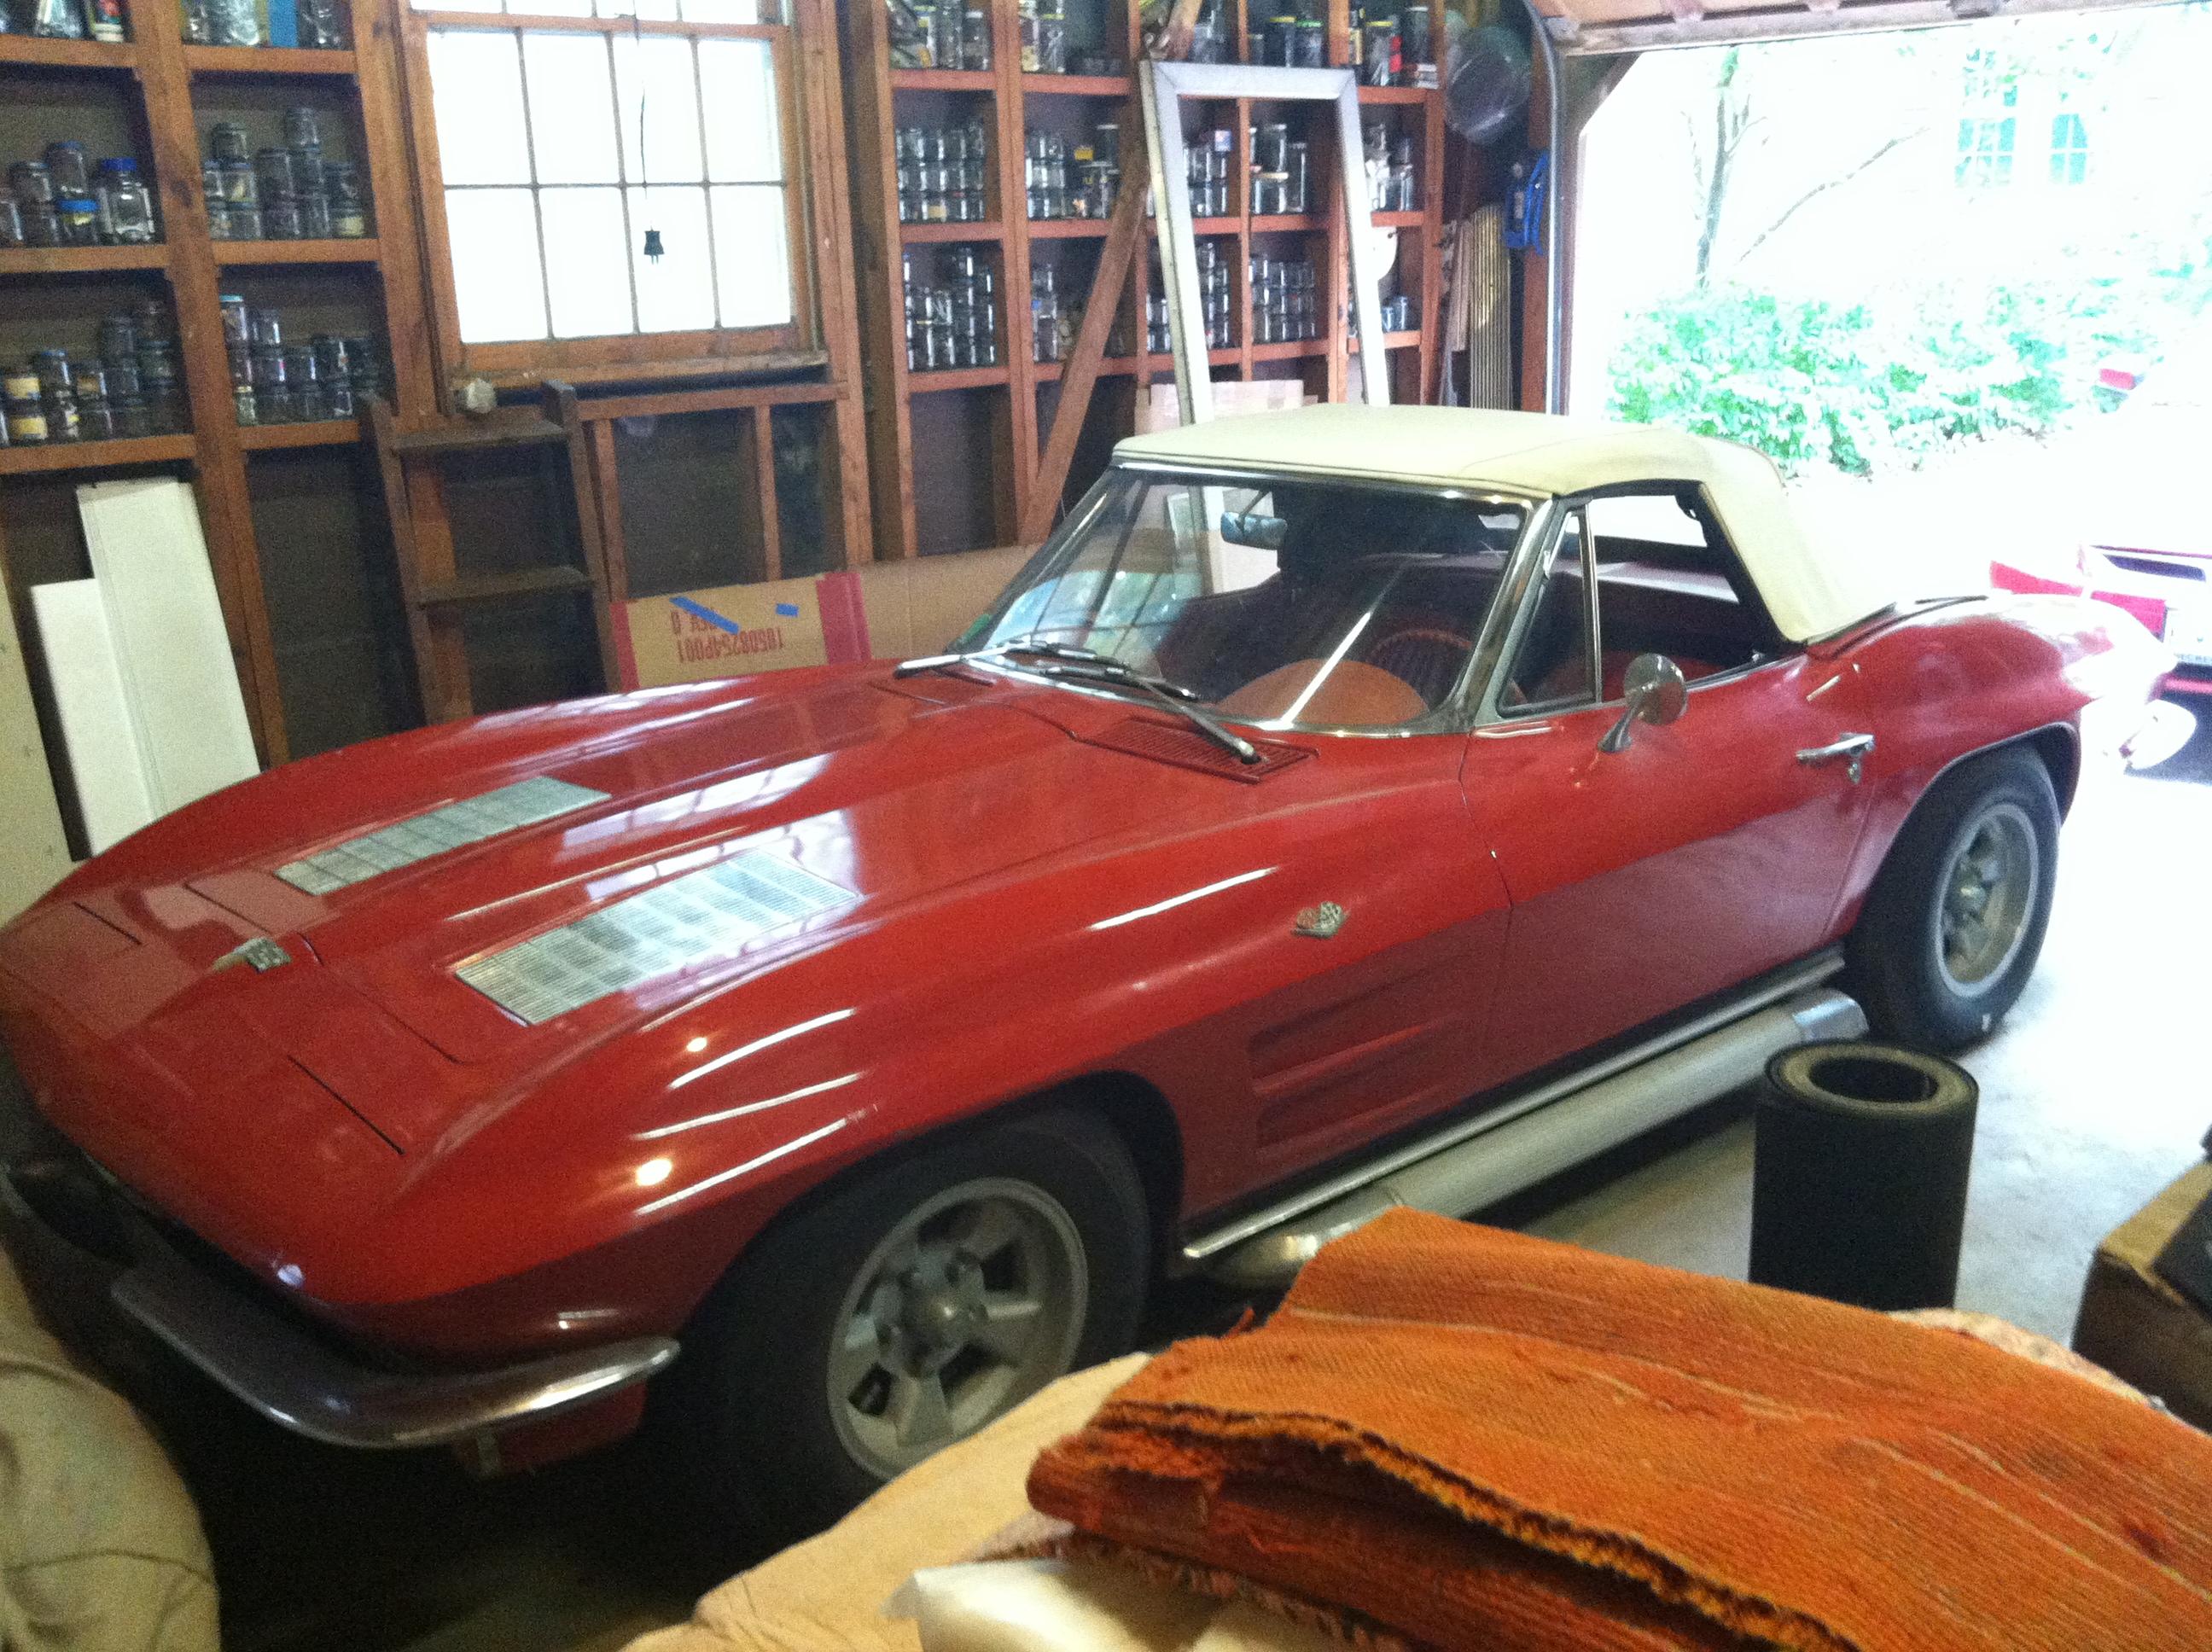 Tv moreover 1963 Chevrolet Corvette Sting Ray Split Window Convertible additionally 1963 Chevrolet Corvette Sting Ray Split Window Convertible additionally Season 1 besides Tv. on fantomworks 1963 corvette